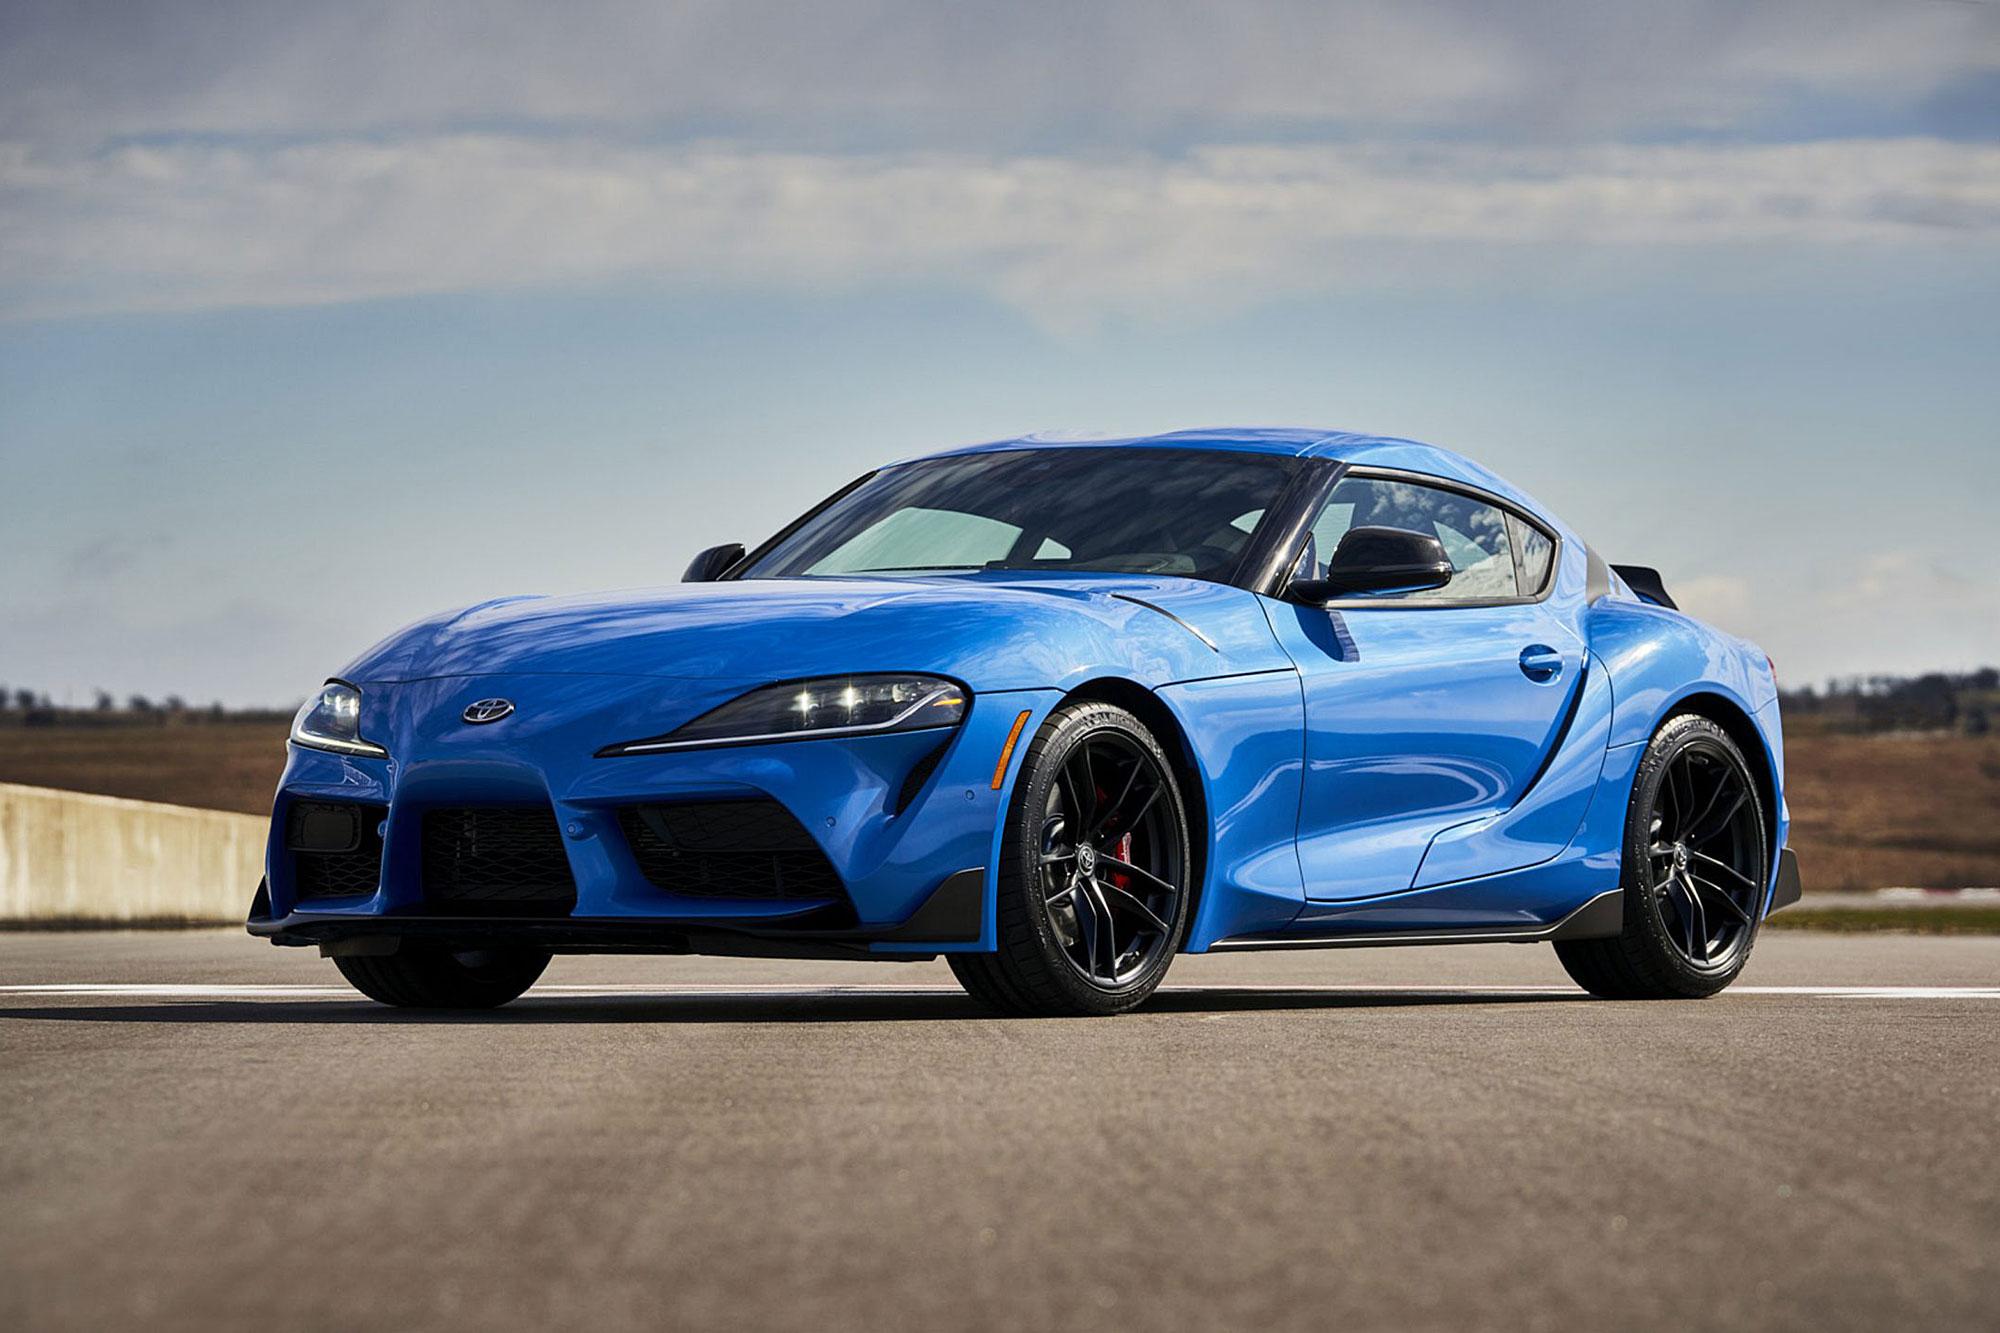 搭載 3.0 升直列 6 缸渦輪增壓動力的車型,馬力輸出從現有的 335 匹馬力升級為 382 匹